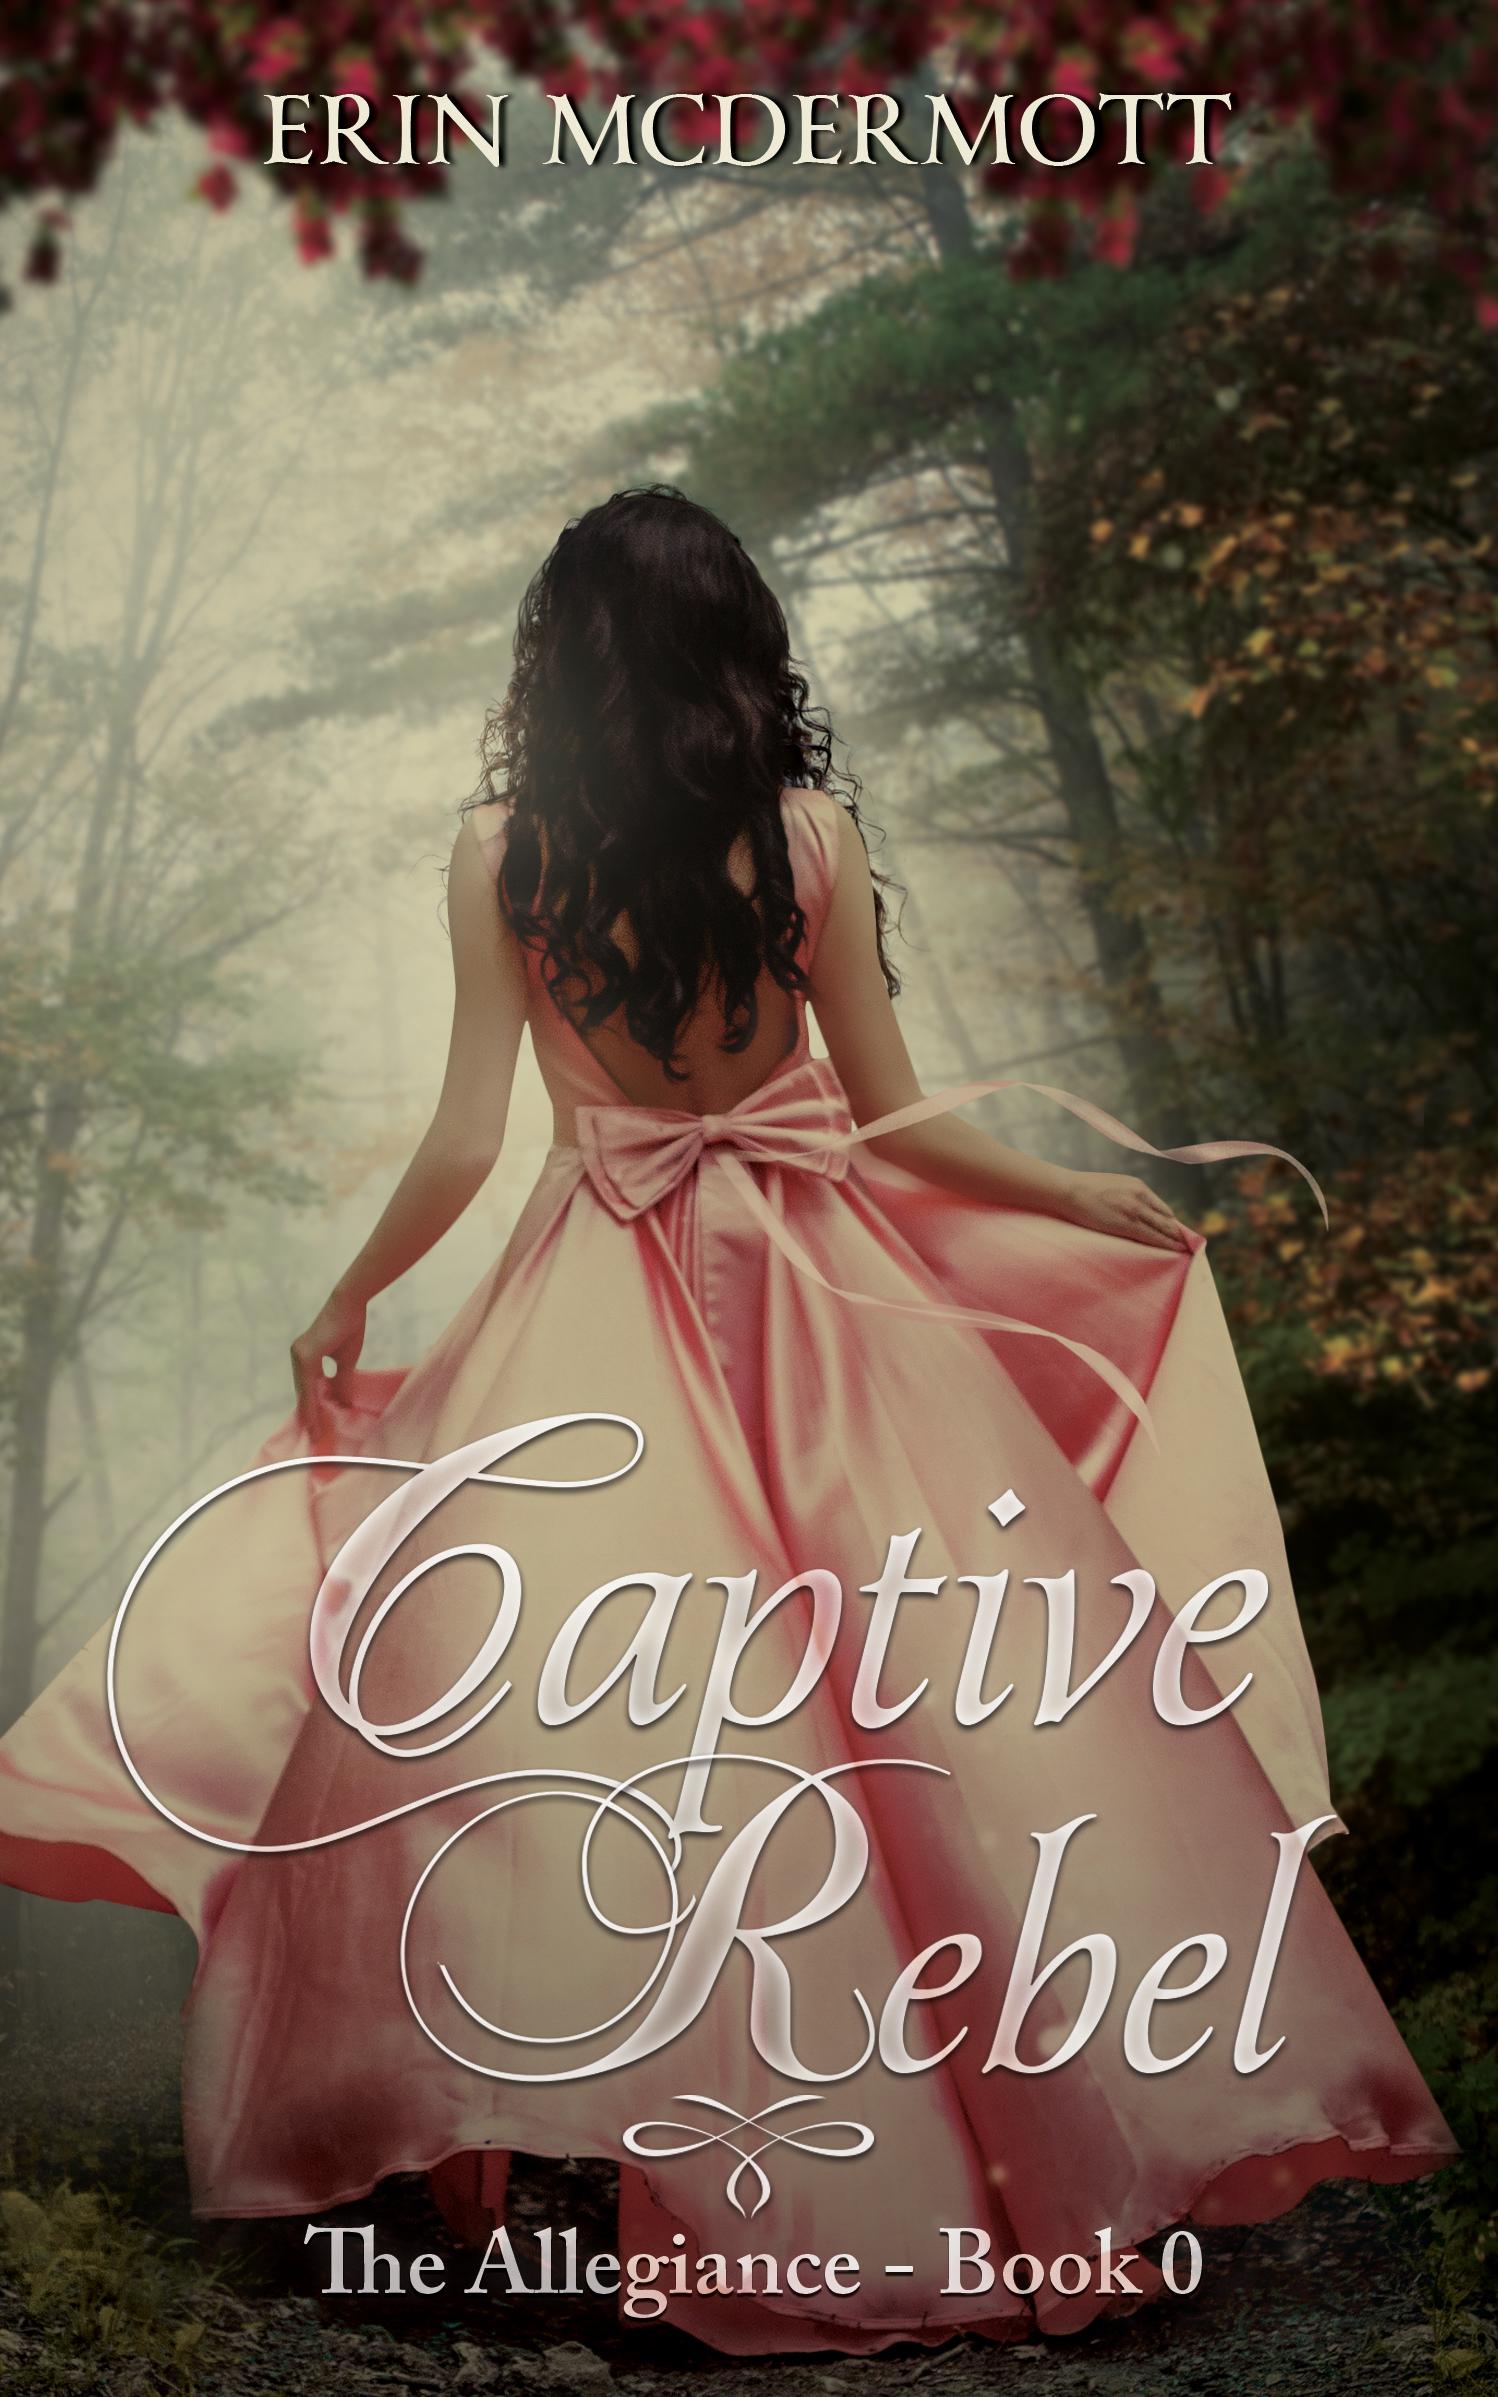 Captive Rebel_Book cover_Kindle_01 (1).jpg